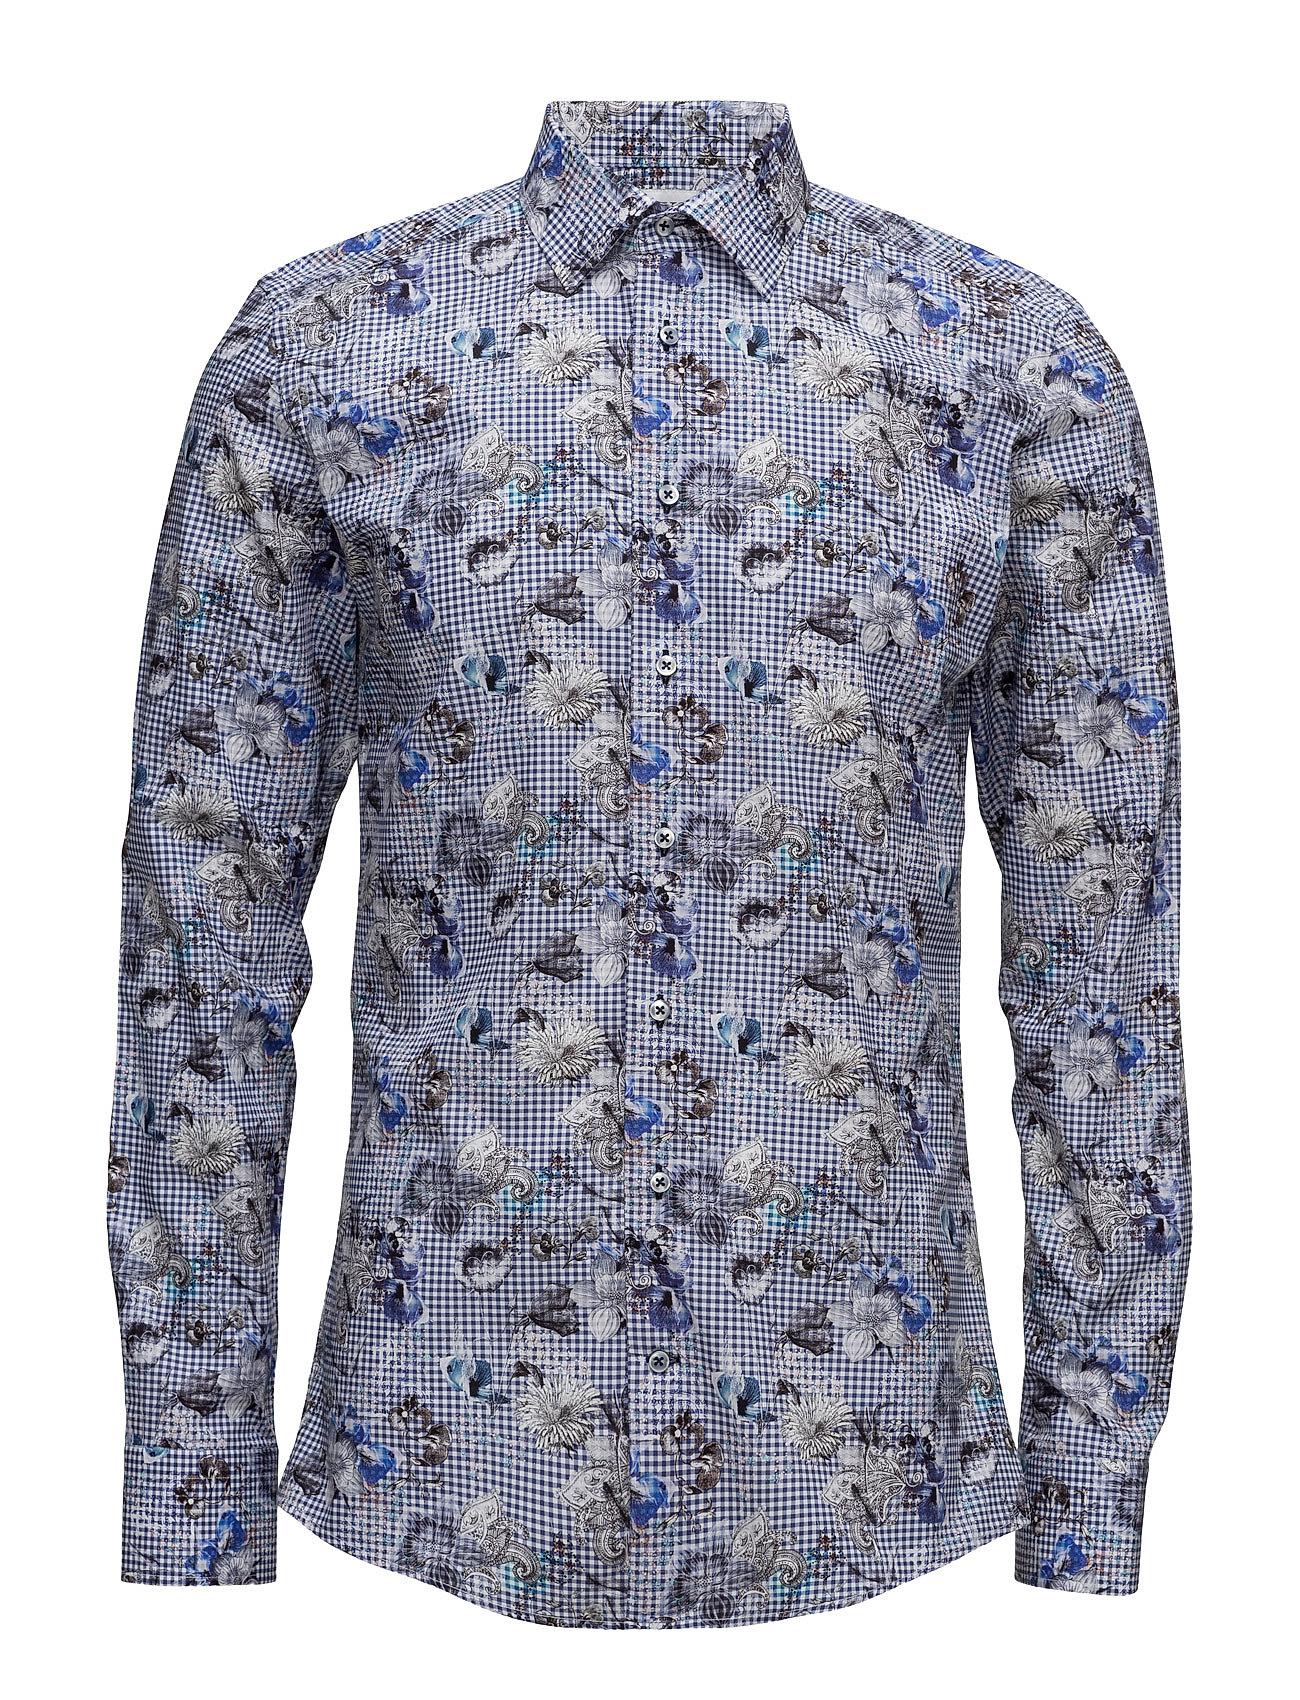 8776 - jake sc fra xo shirtmaker på boozt.com dk